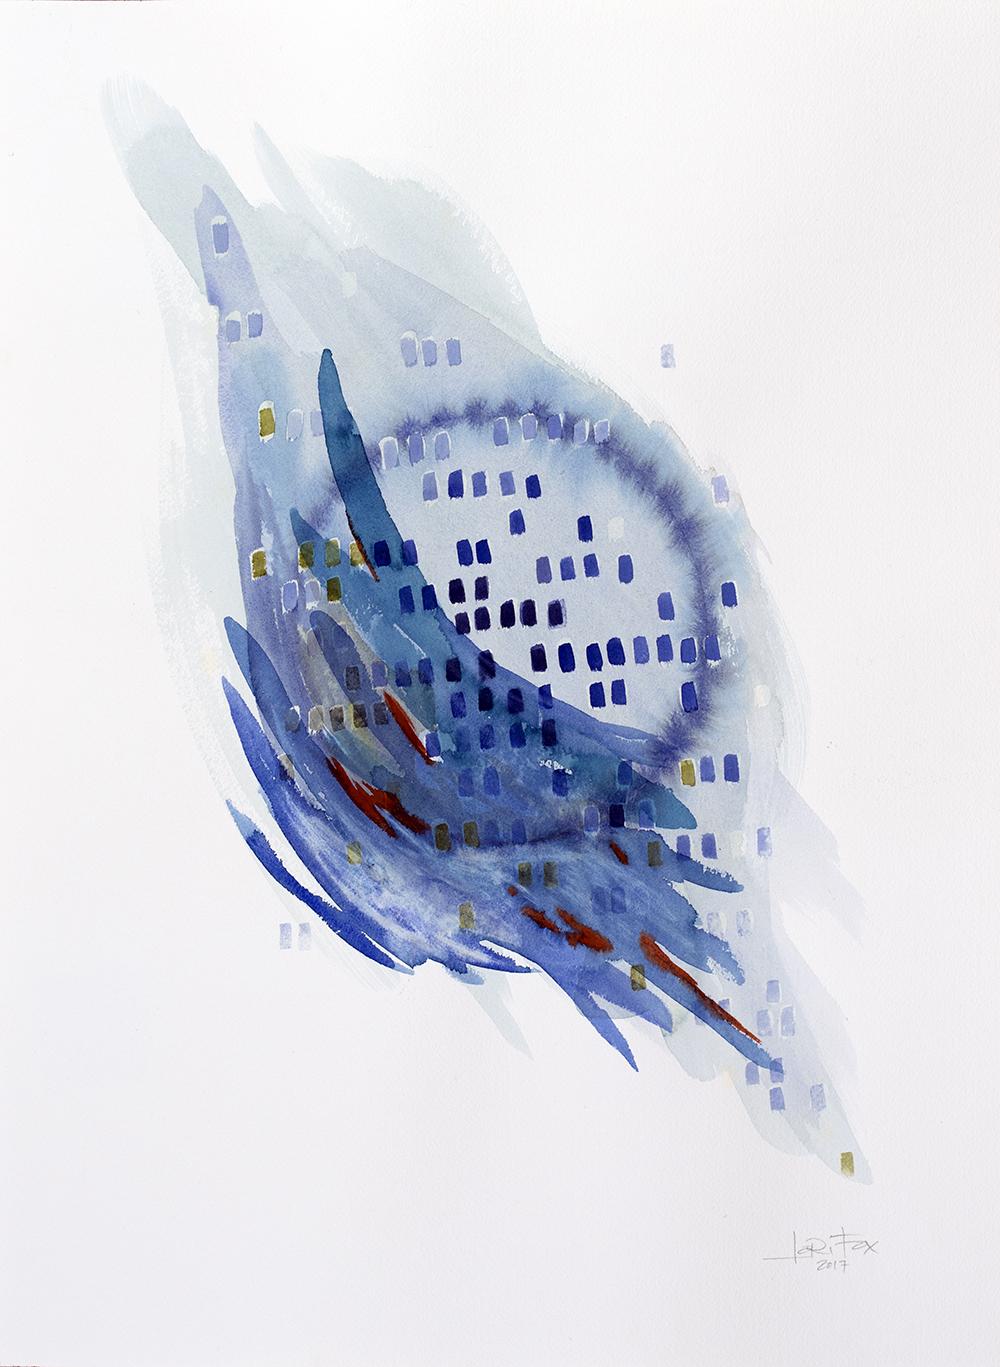 Blue Flow, 2017